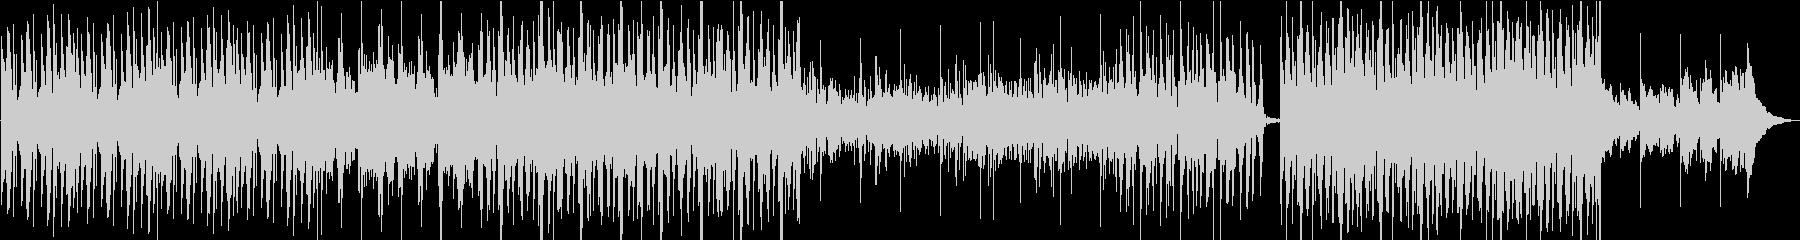 ピアノを使ったサスペンスBGMの未再生の波形